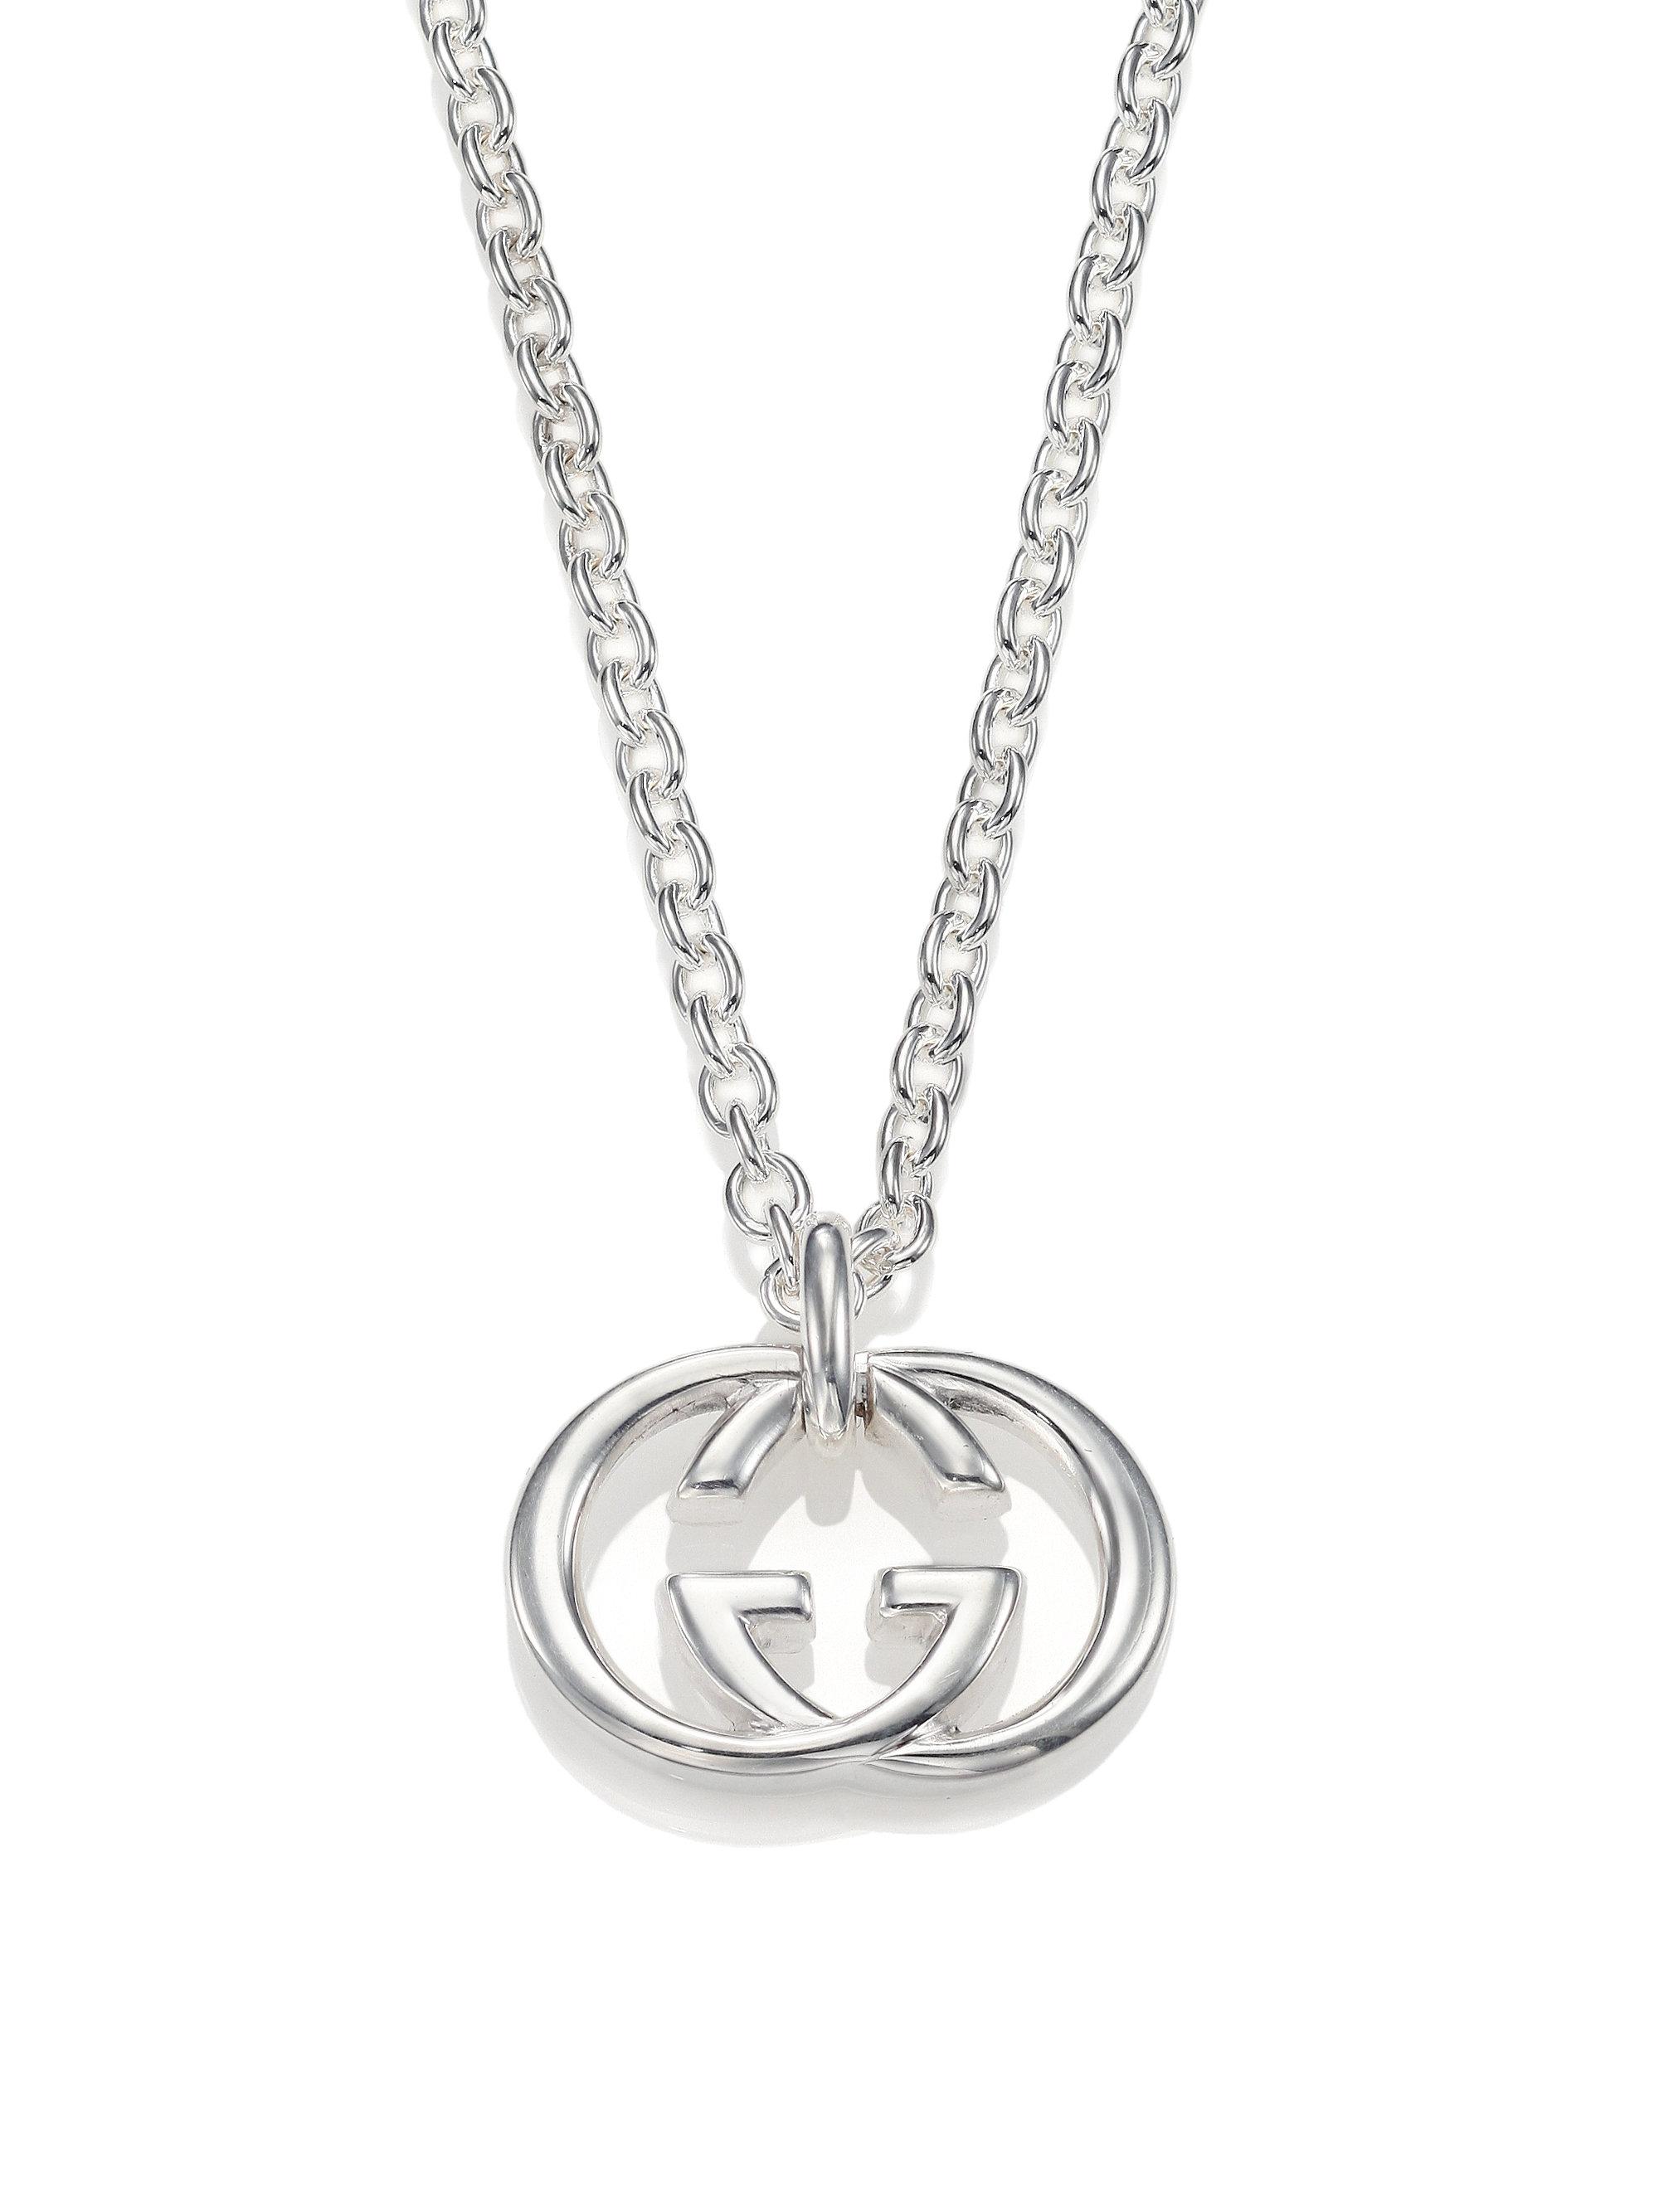 d5abb8e4b3e Lyst - Gucci Gg Silver Pendant Necklace in Metallic for Men